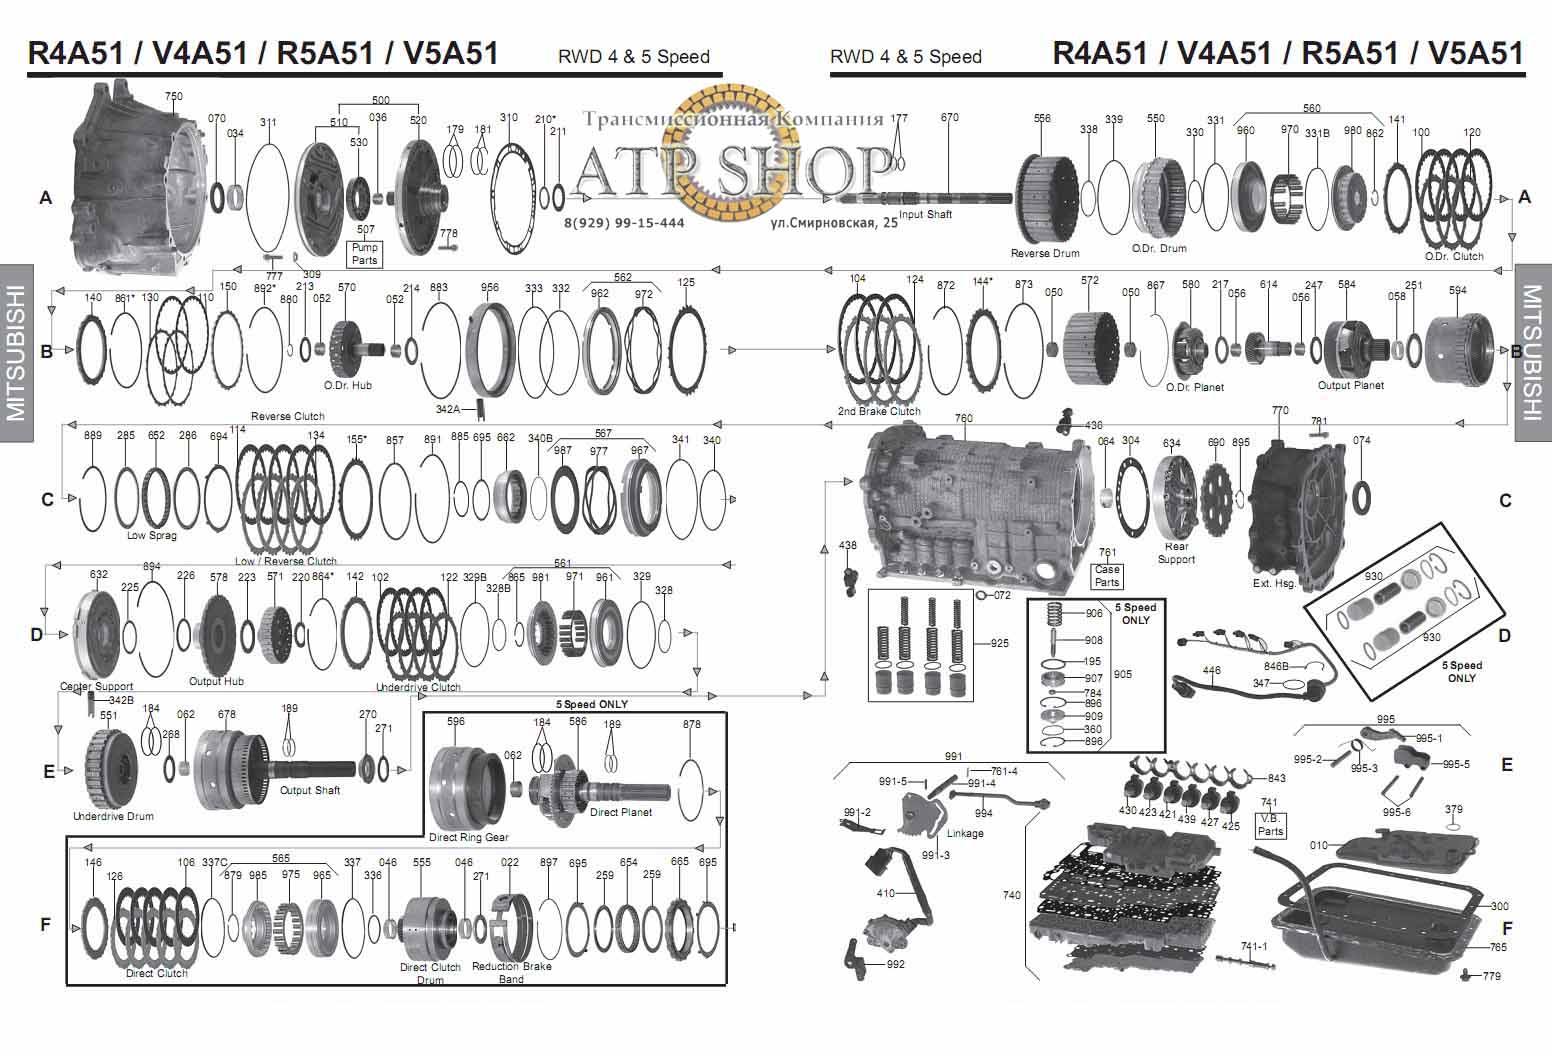 V4A51, V5A51 Описание Цены Болезни.